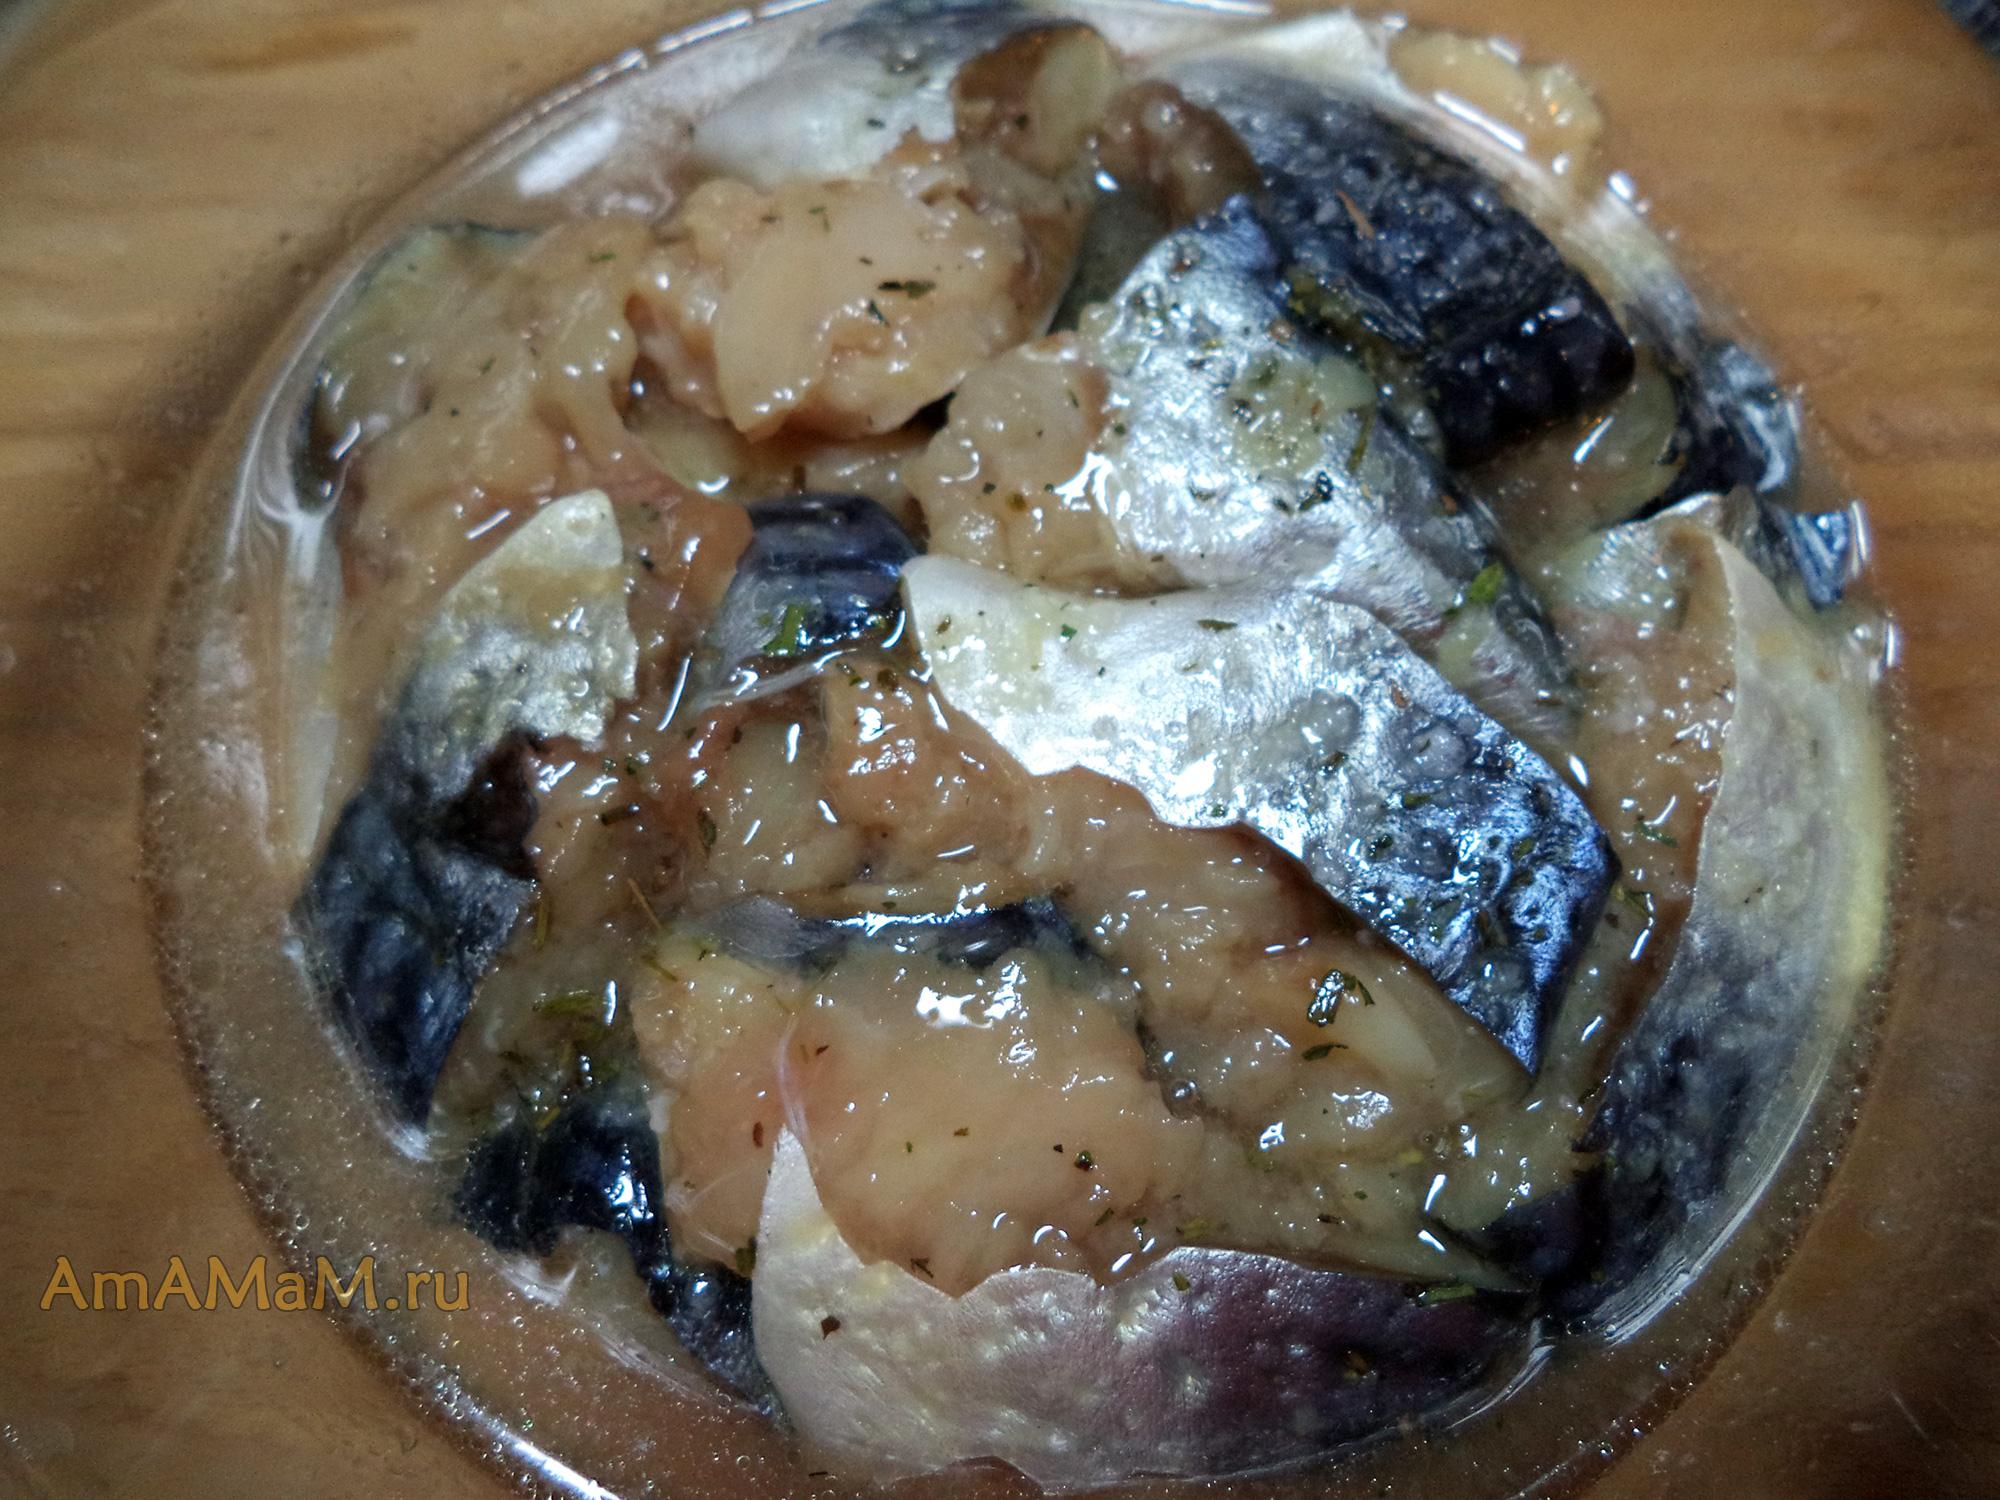 Скумбрия соленая в домашних условиях очень вкусная - 10